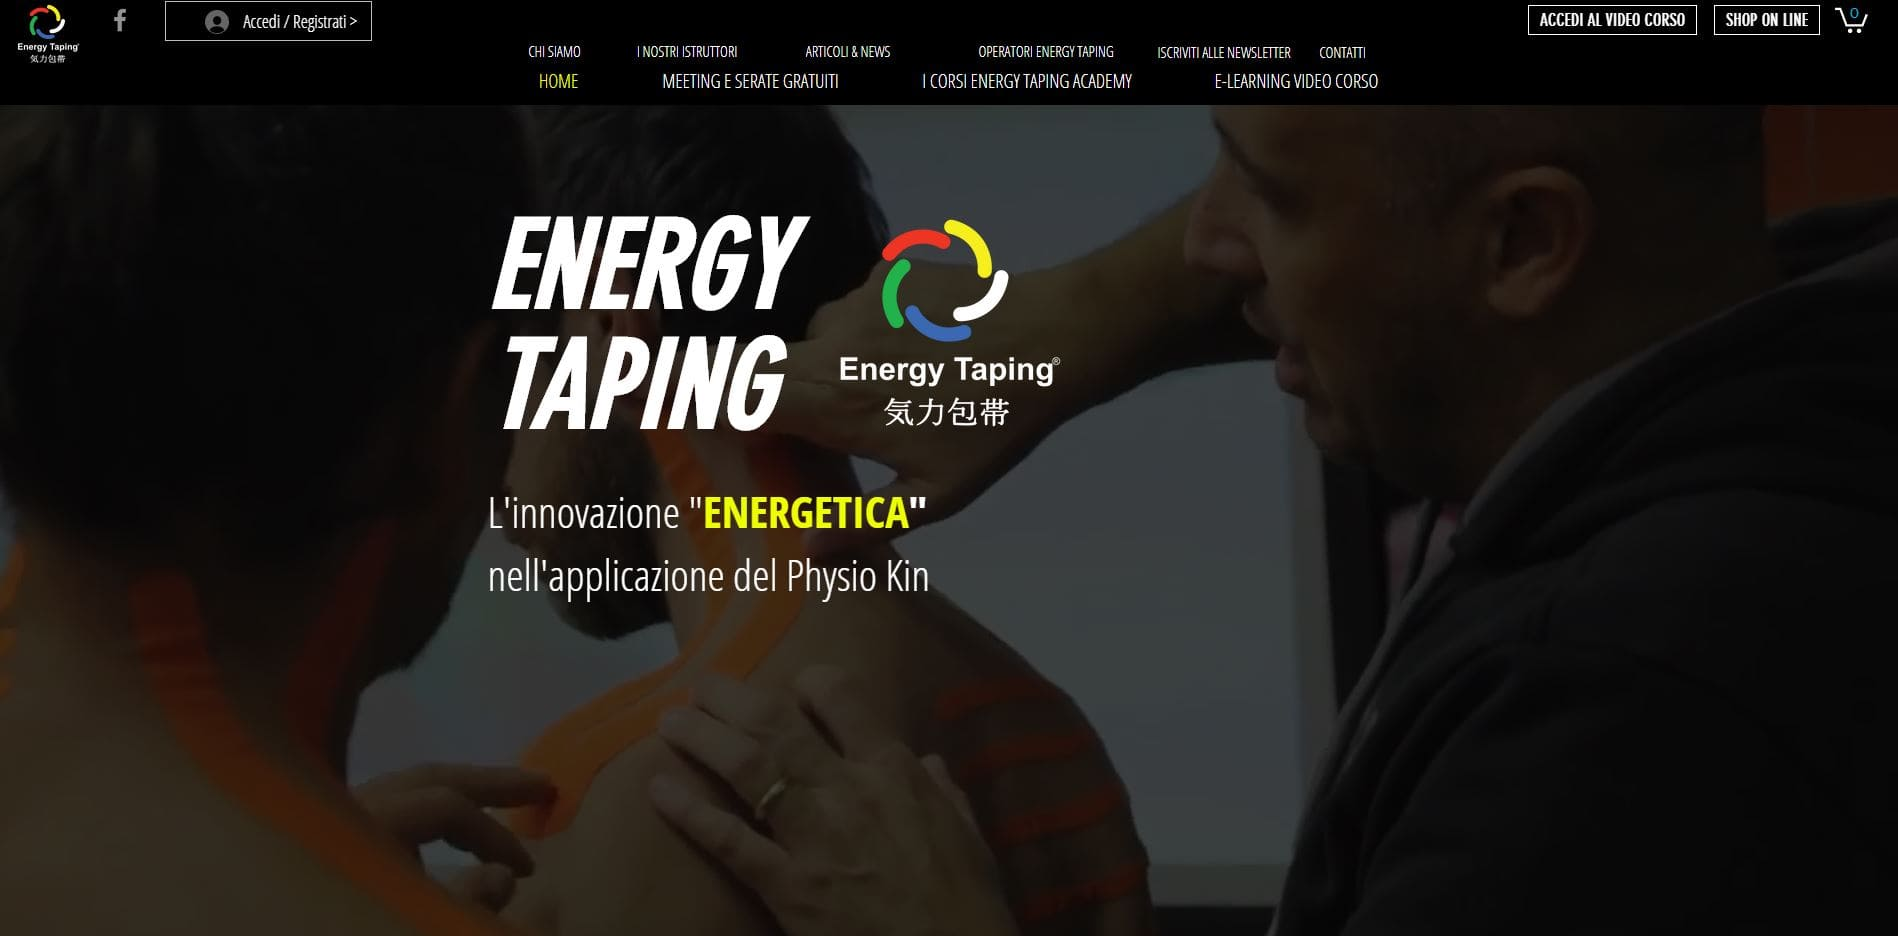 Energy Taping